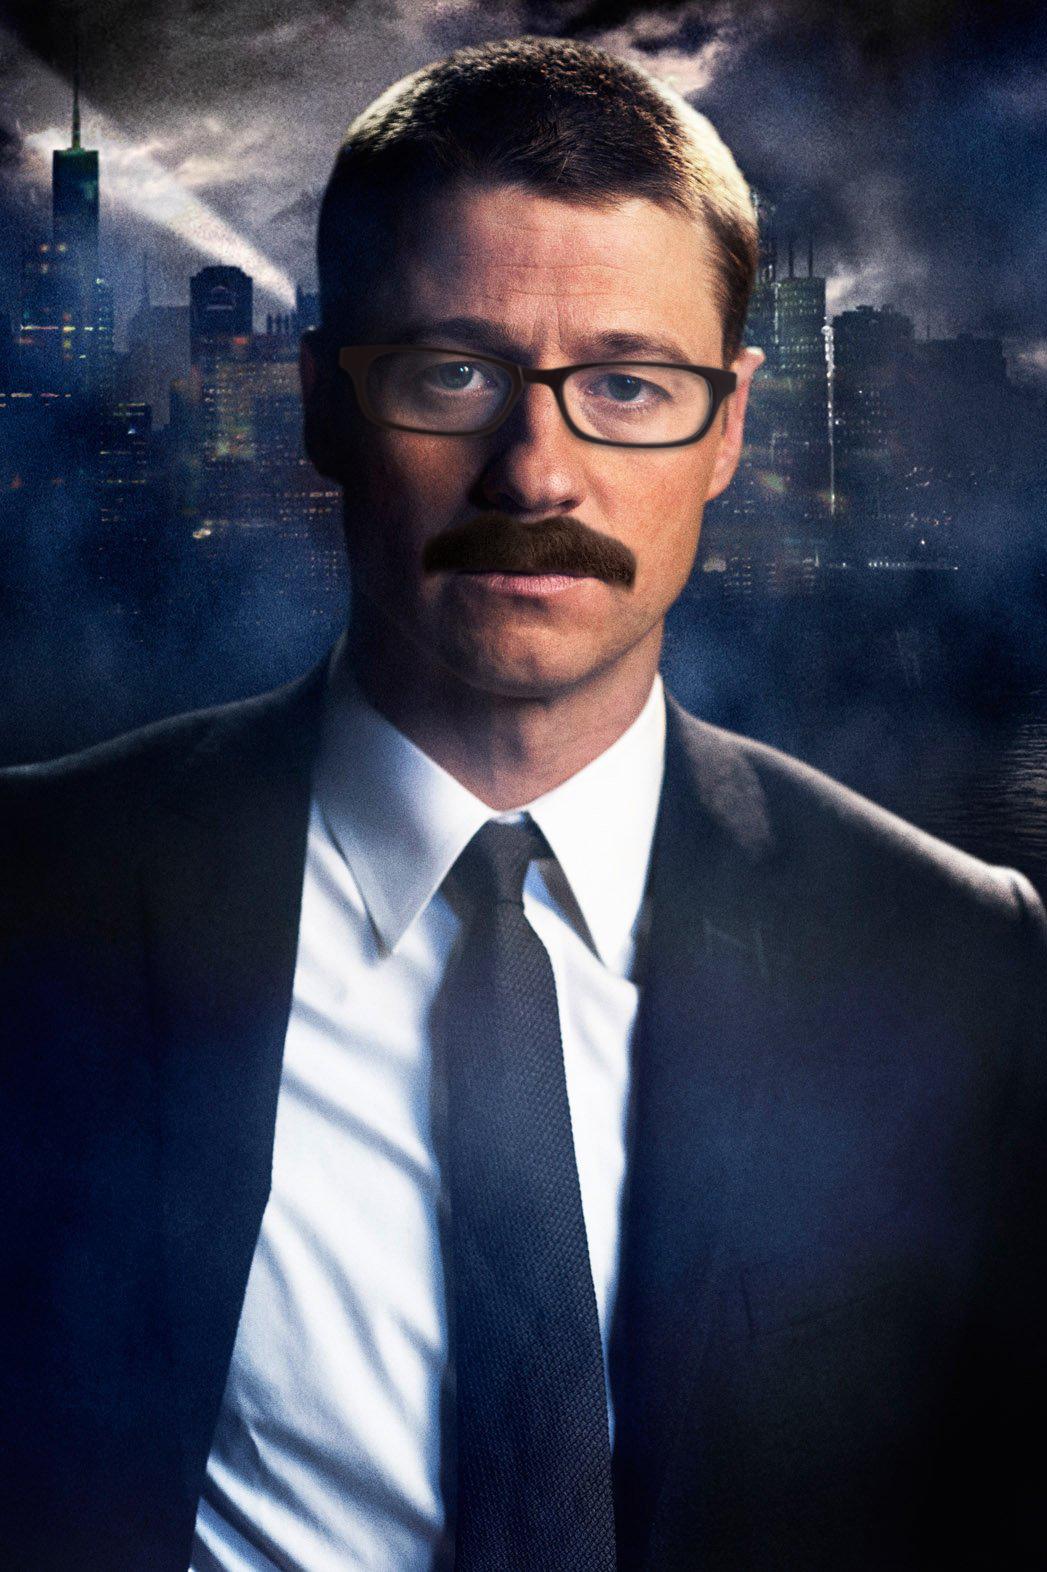 GOTHAMCharacterLookDetectiveJamesGordon-mustache